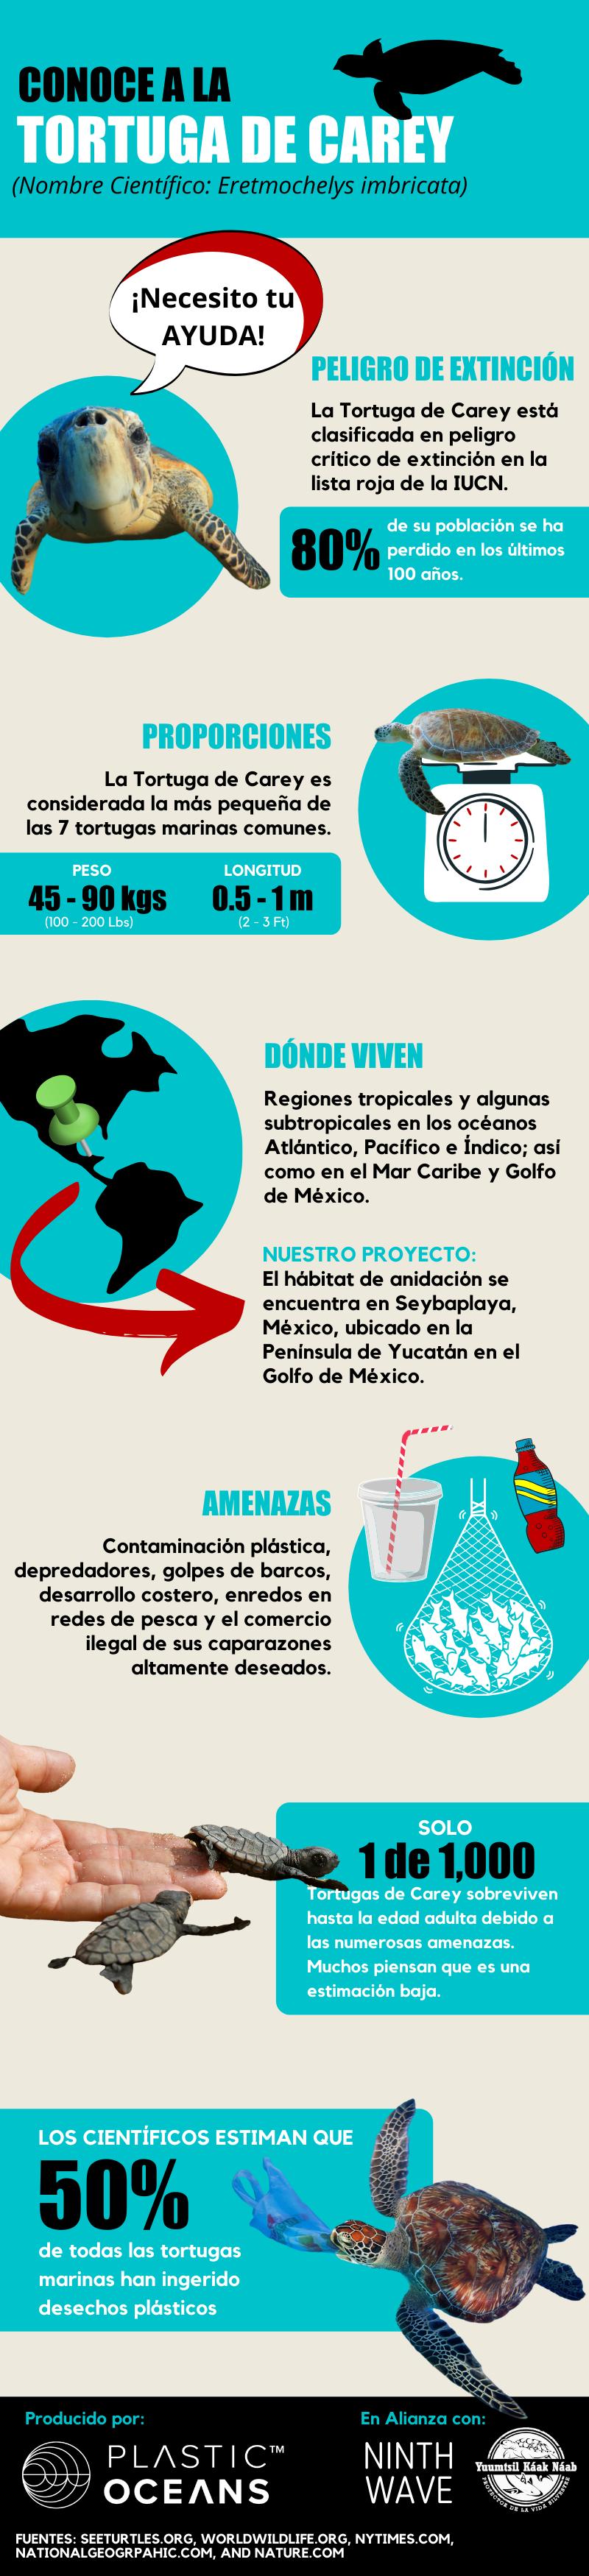 Infografía de la tortuga carey